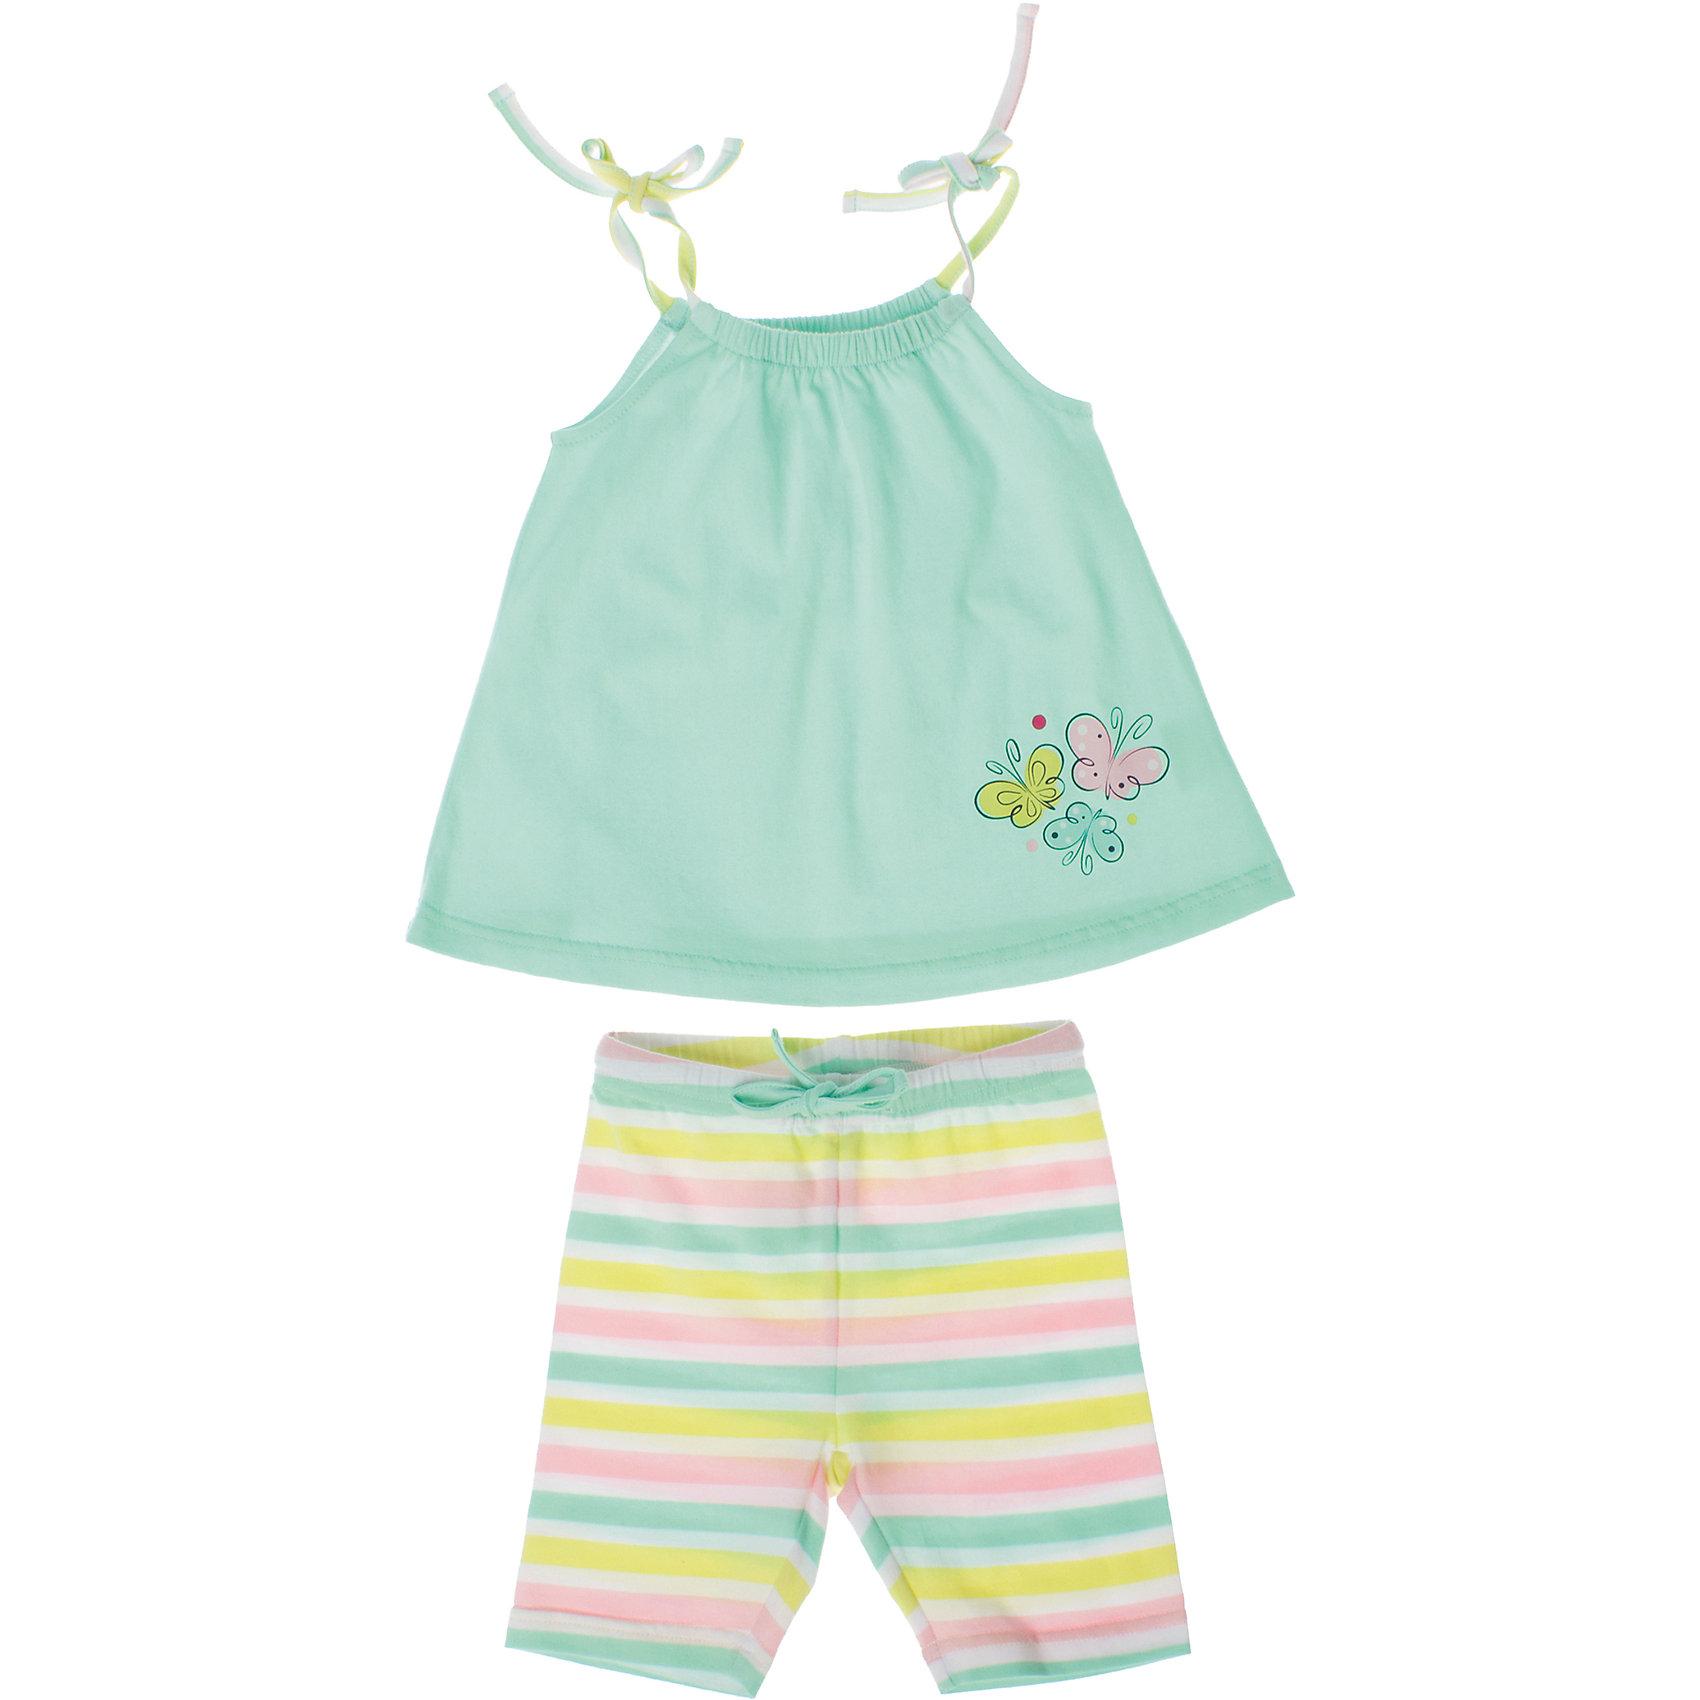 Комплект: майка и шорты для девочки PlayTodayКомплект: майка и шорты для девочки PlayToday <br><br>Состав: 95% хлопок, 5% эластан <br><br>Майка:<br>Верх майки на резинках и регулирующихся завязках.<br>Расклешенная книзу.<br>Украшена резиновым принтом с бабочками.<br>Шорты:<br>Пояс на резинкес регулирующимся шнуром.<br>Ткань в полоску пестровязанная.<br><br>Ширина мм: 199<br>Глубина мм: 10<br>Высота мм: 161<br>Вес г: 151<br>Цвет: разноцветный<br>Возраст от месяцев: 12<br>Возраст до месяцев: 15<br>Пол: Женский<br>Возраст: Детский<br>Размер: 80,92,86,74<br>SKU: 4503213